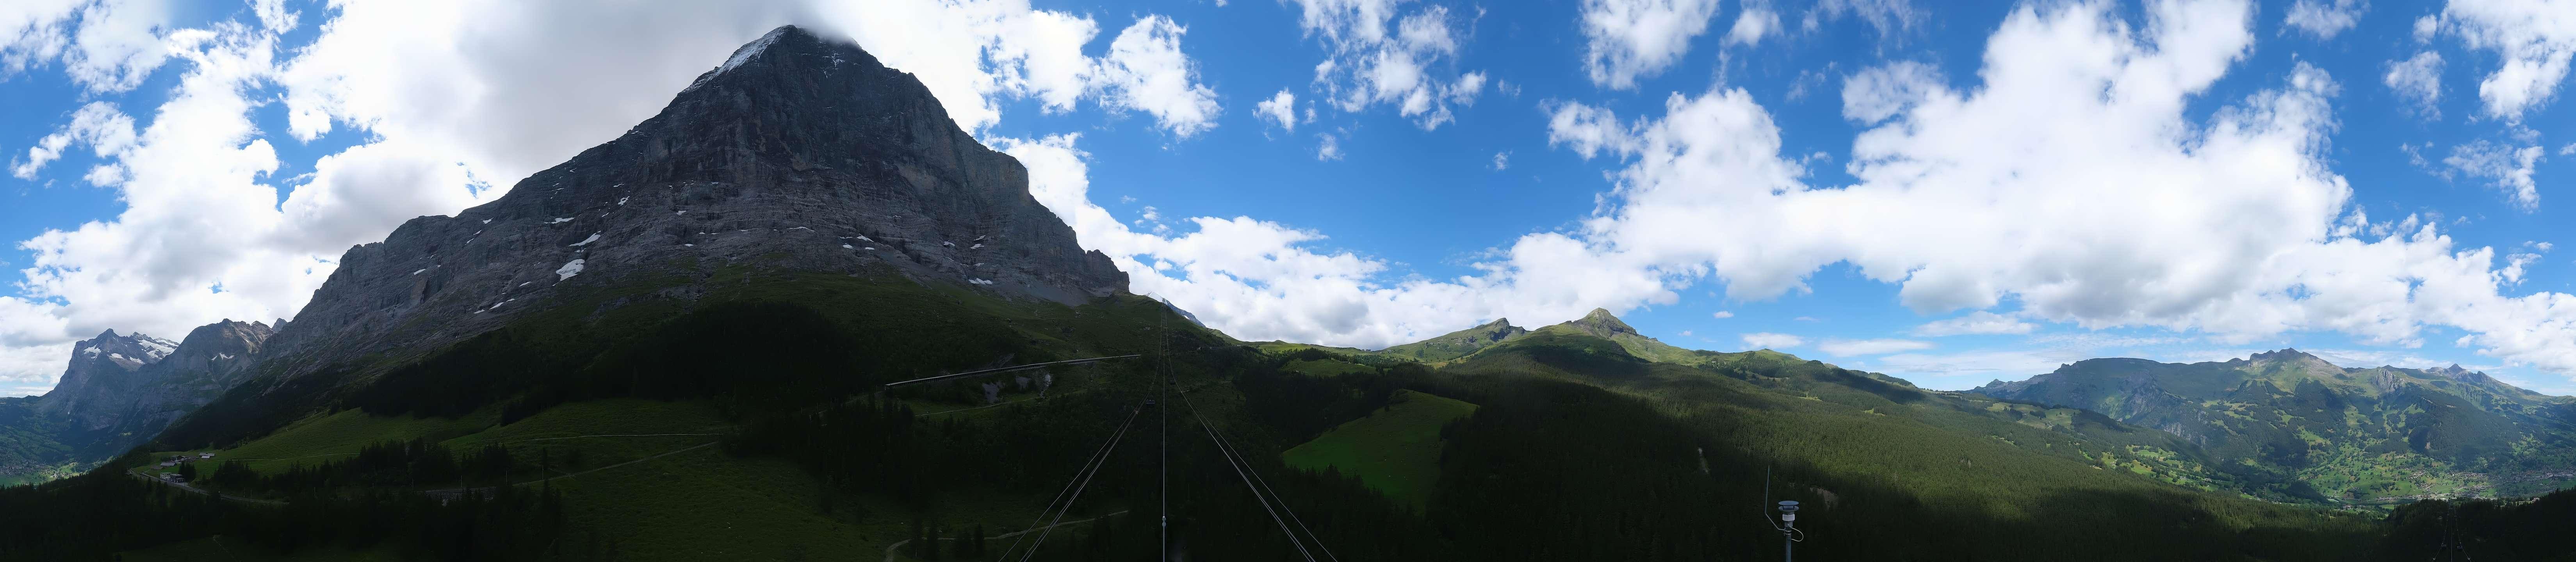 Webcam Grindelwald Eiger Express